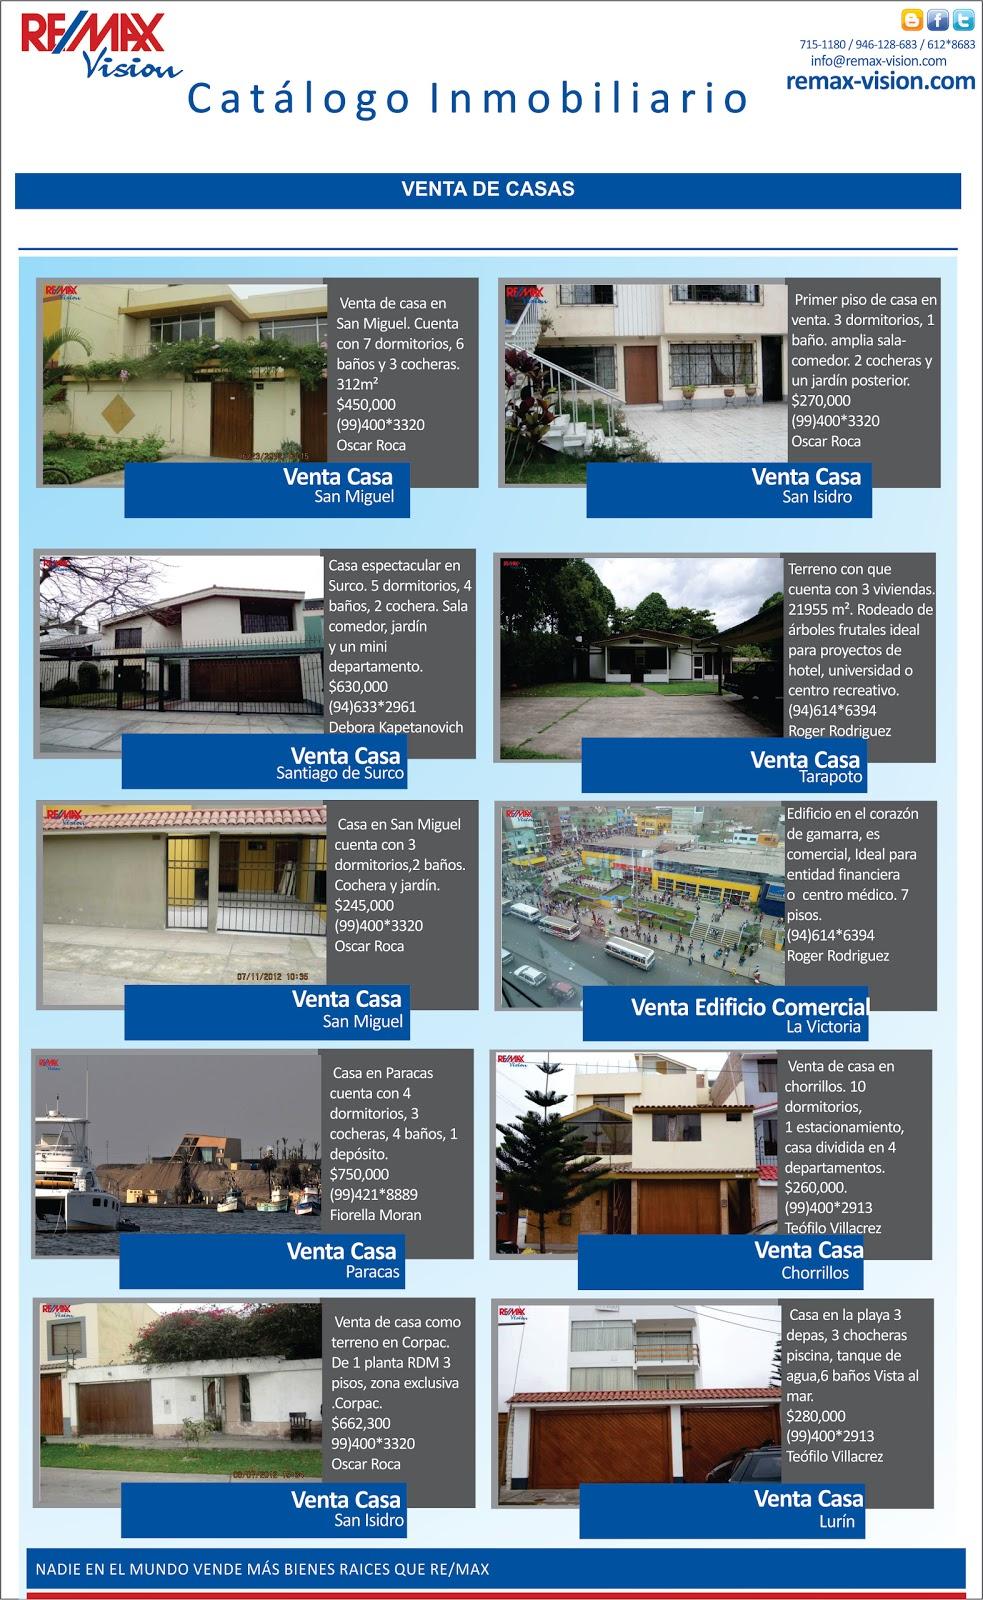 Catalogo inmobiliario remax vision casas re for Catalogo casa